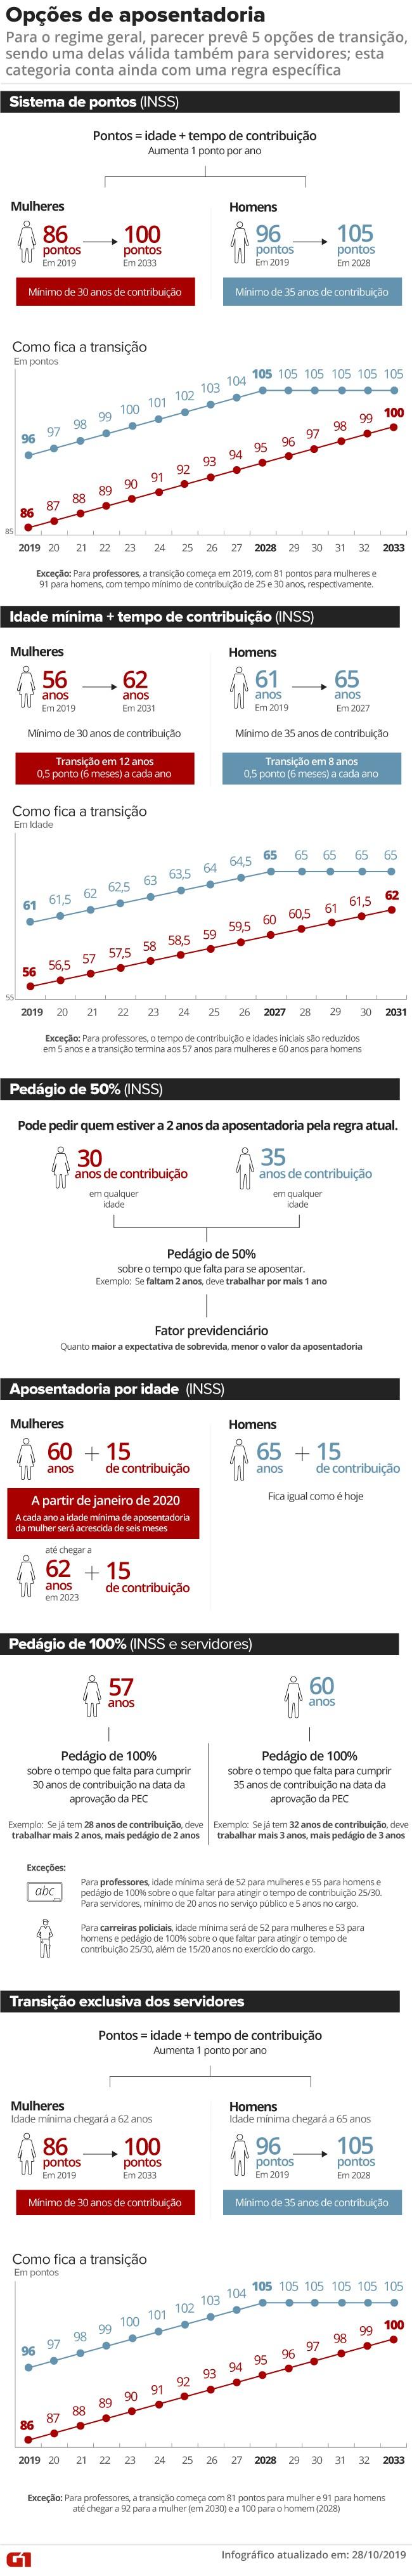 Reforma da Previdência: veja quais são as opções de transição para quem já está no mercado de trabalho - Notícias - Plantão Diário